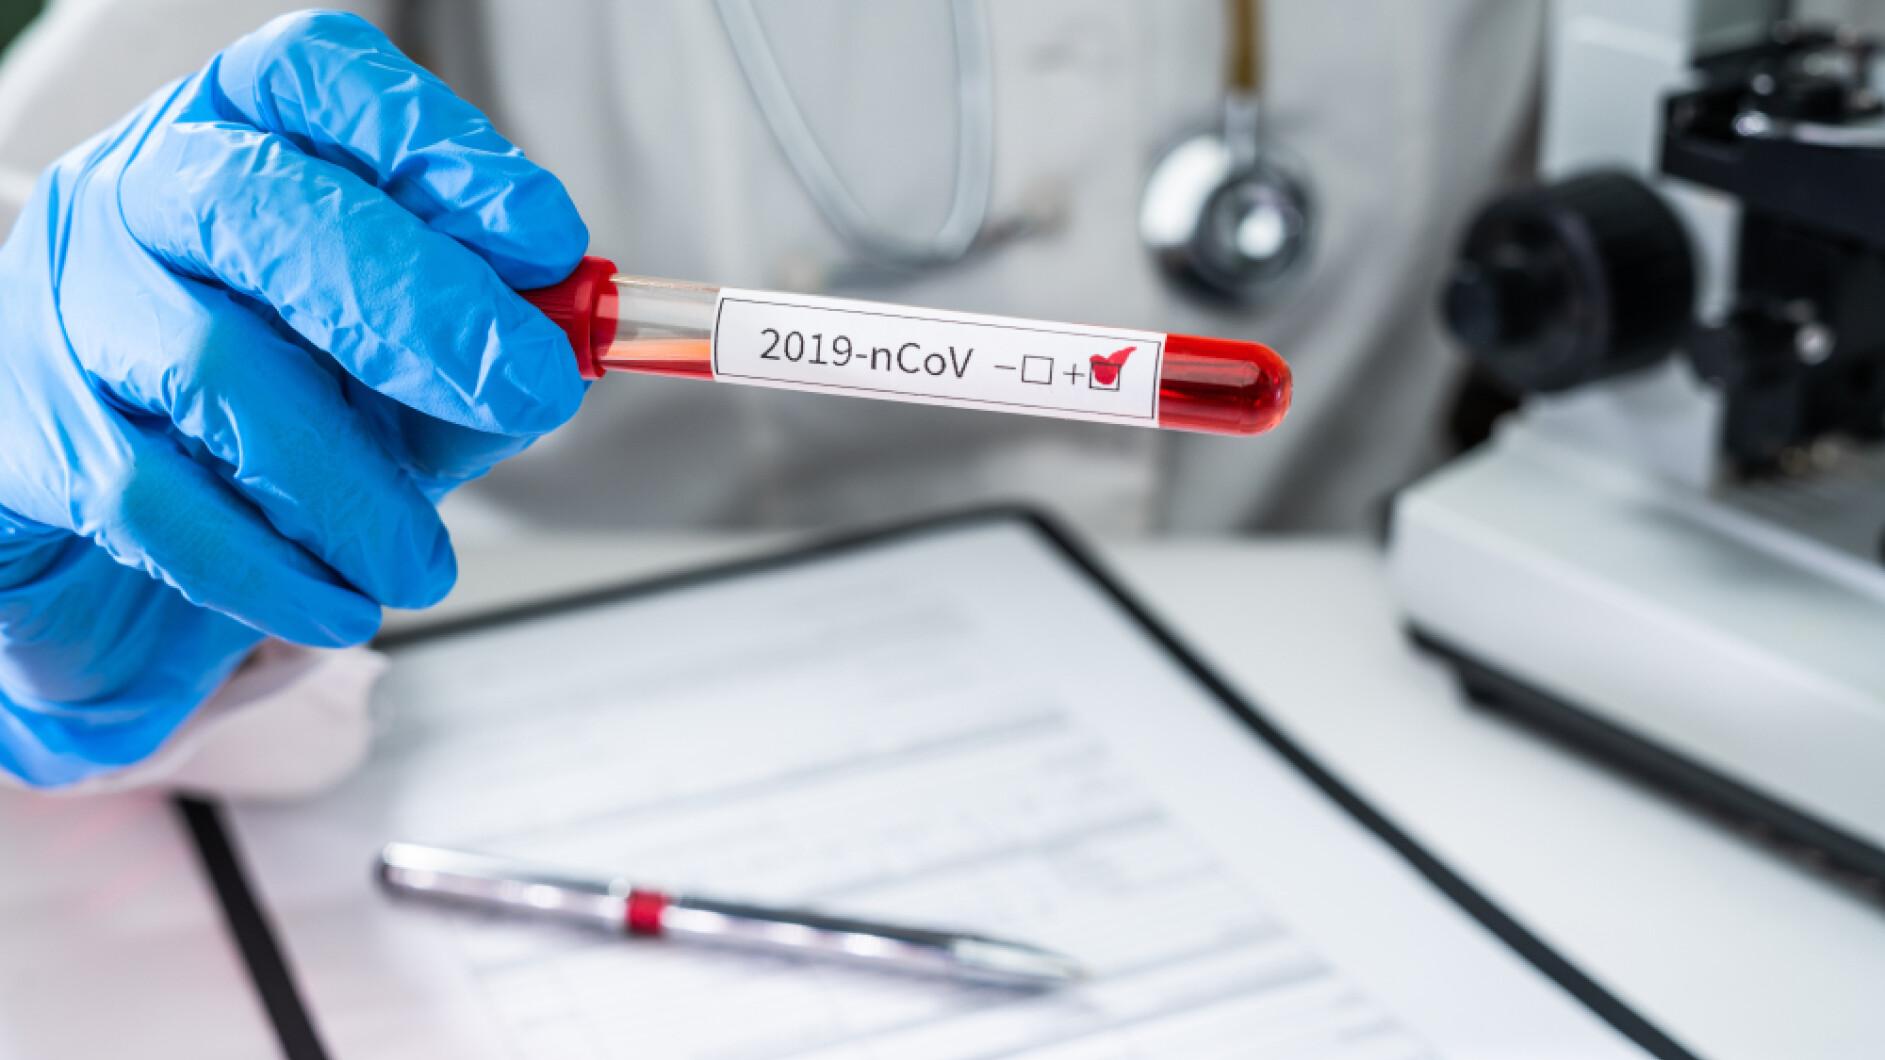 stand-freitag-coronavirus-114-intensivpatienten-in-n